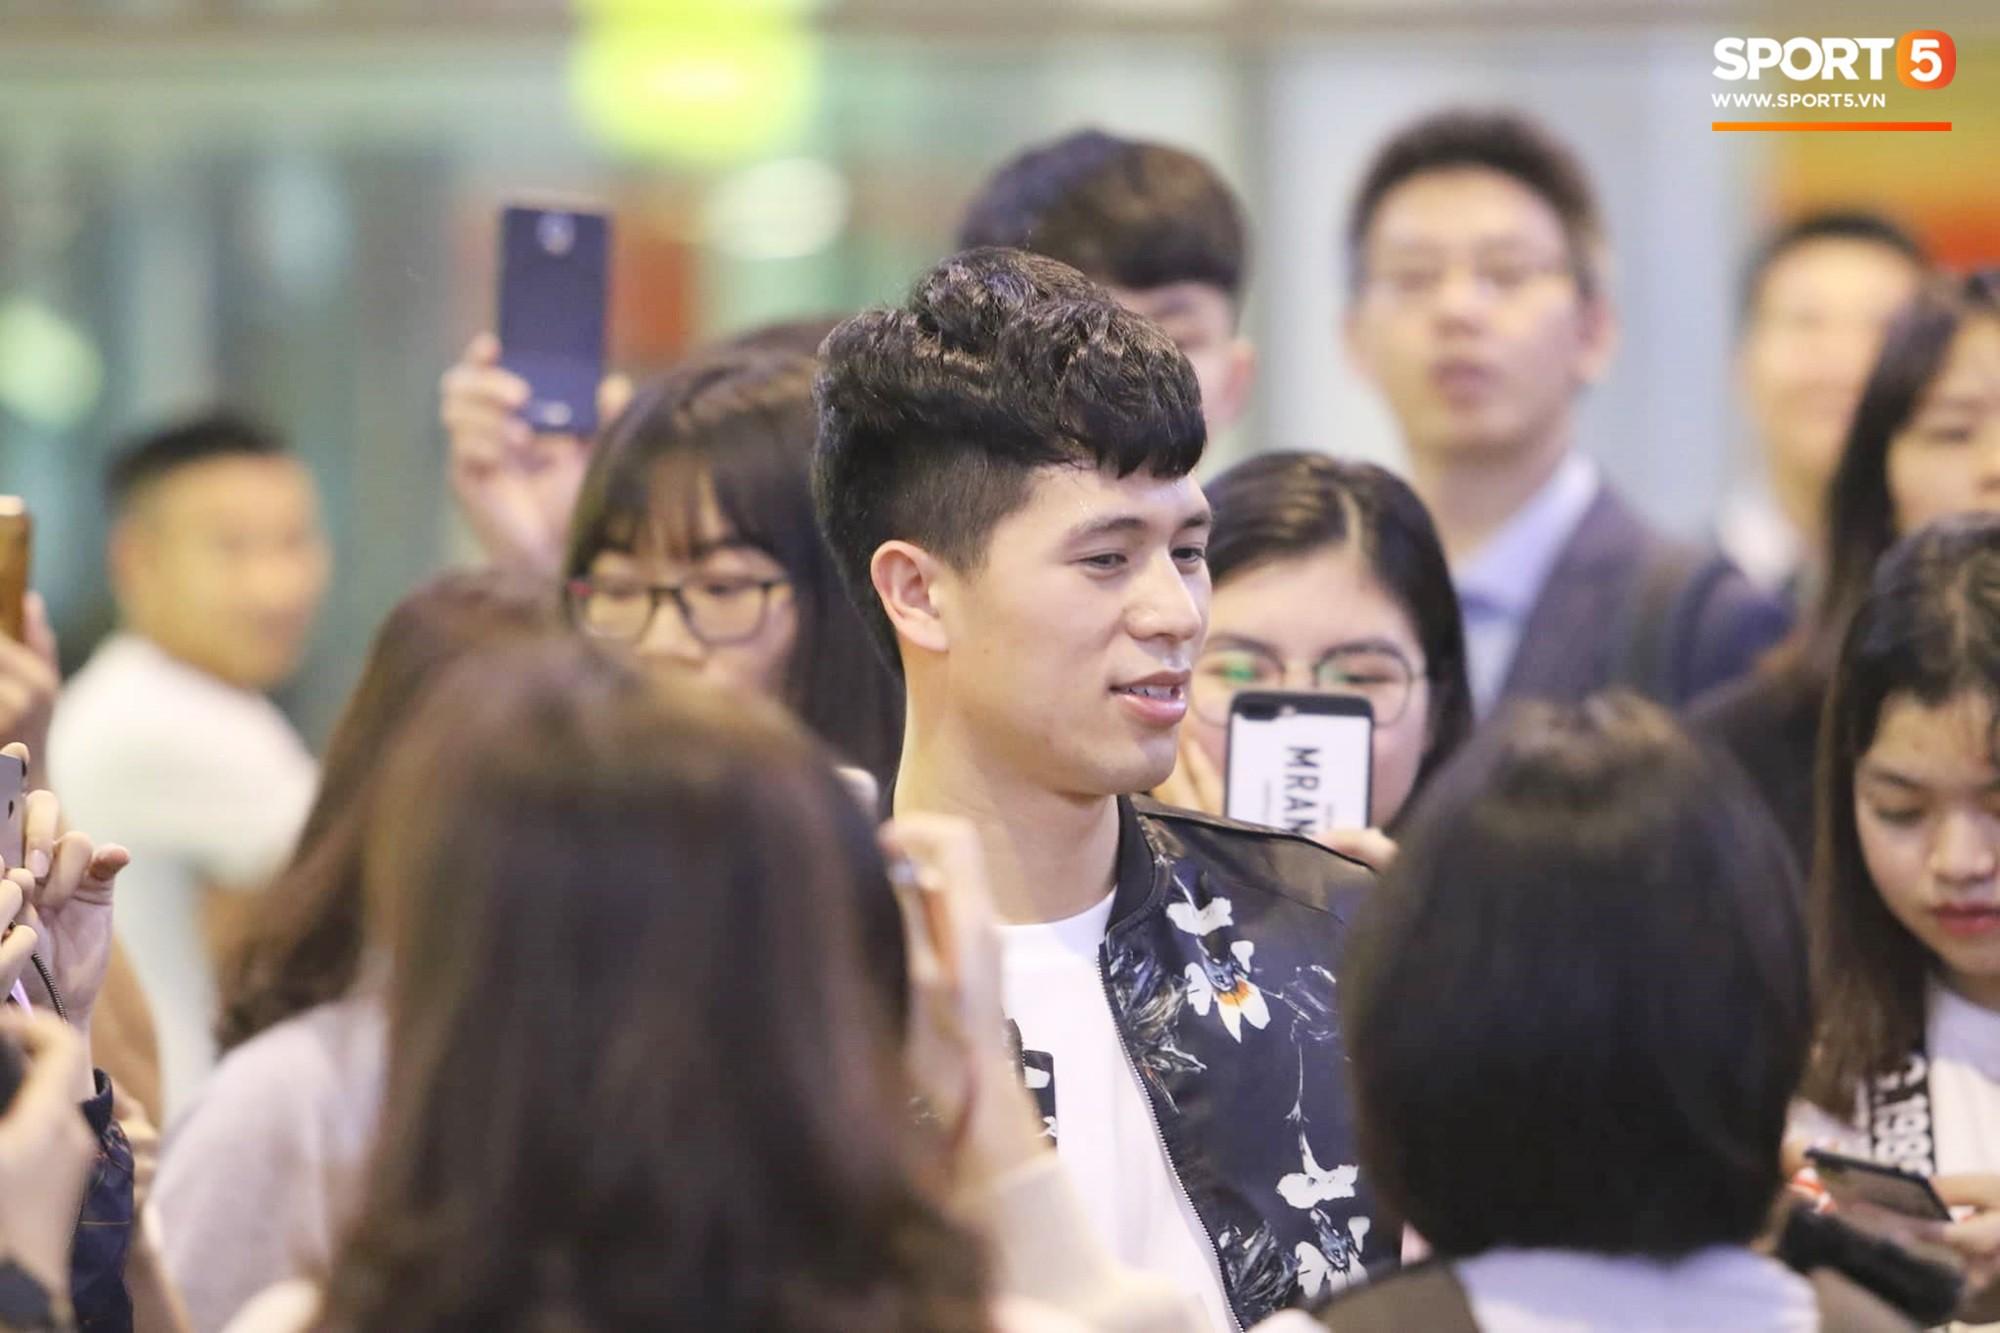 Trở về sau 3 tháng dưỡng thương tại Hàn Quốc, Đình Trọng khiến sân bay Nội Bài náo loạn lúc nửa đêm - Ảnh 6.